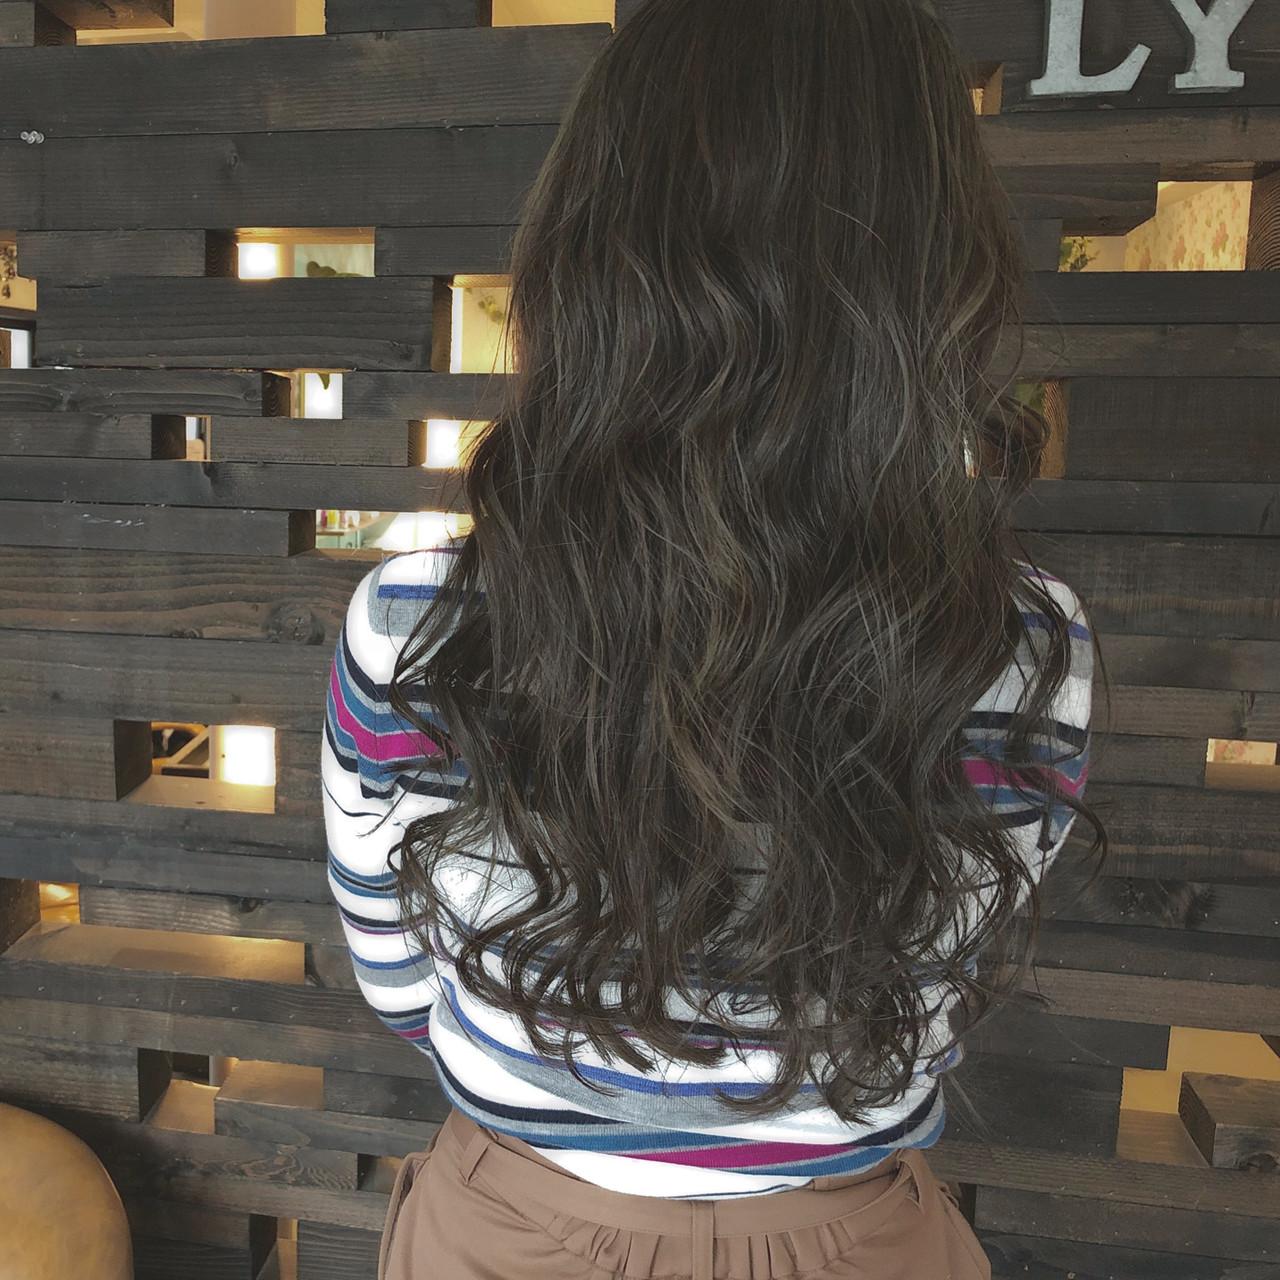 グレージュ ロング バレイヤージュ ハイライト ヘアスタイルや髪型の写真・画像 | ハマダ アヤカ / LYRA